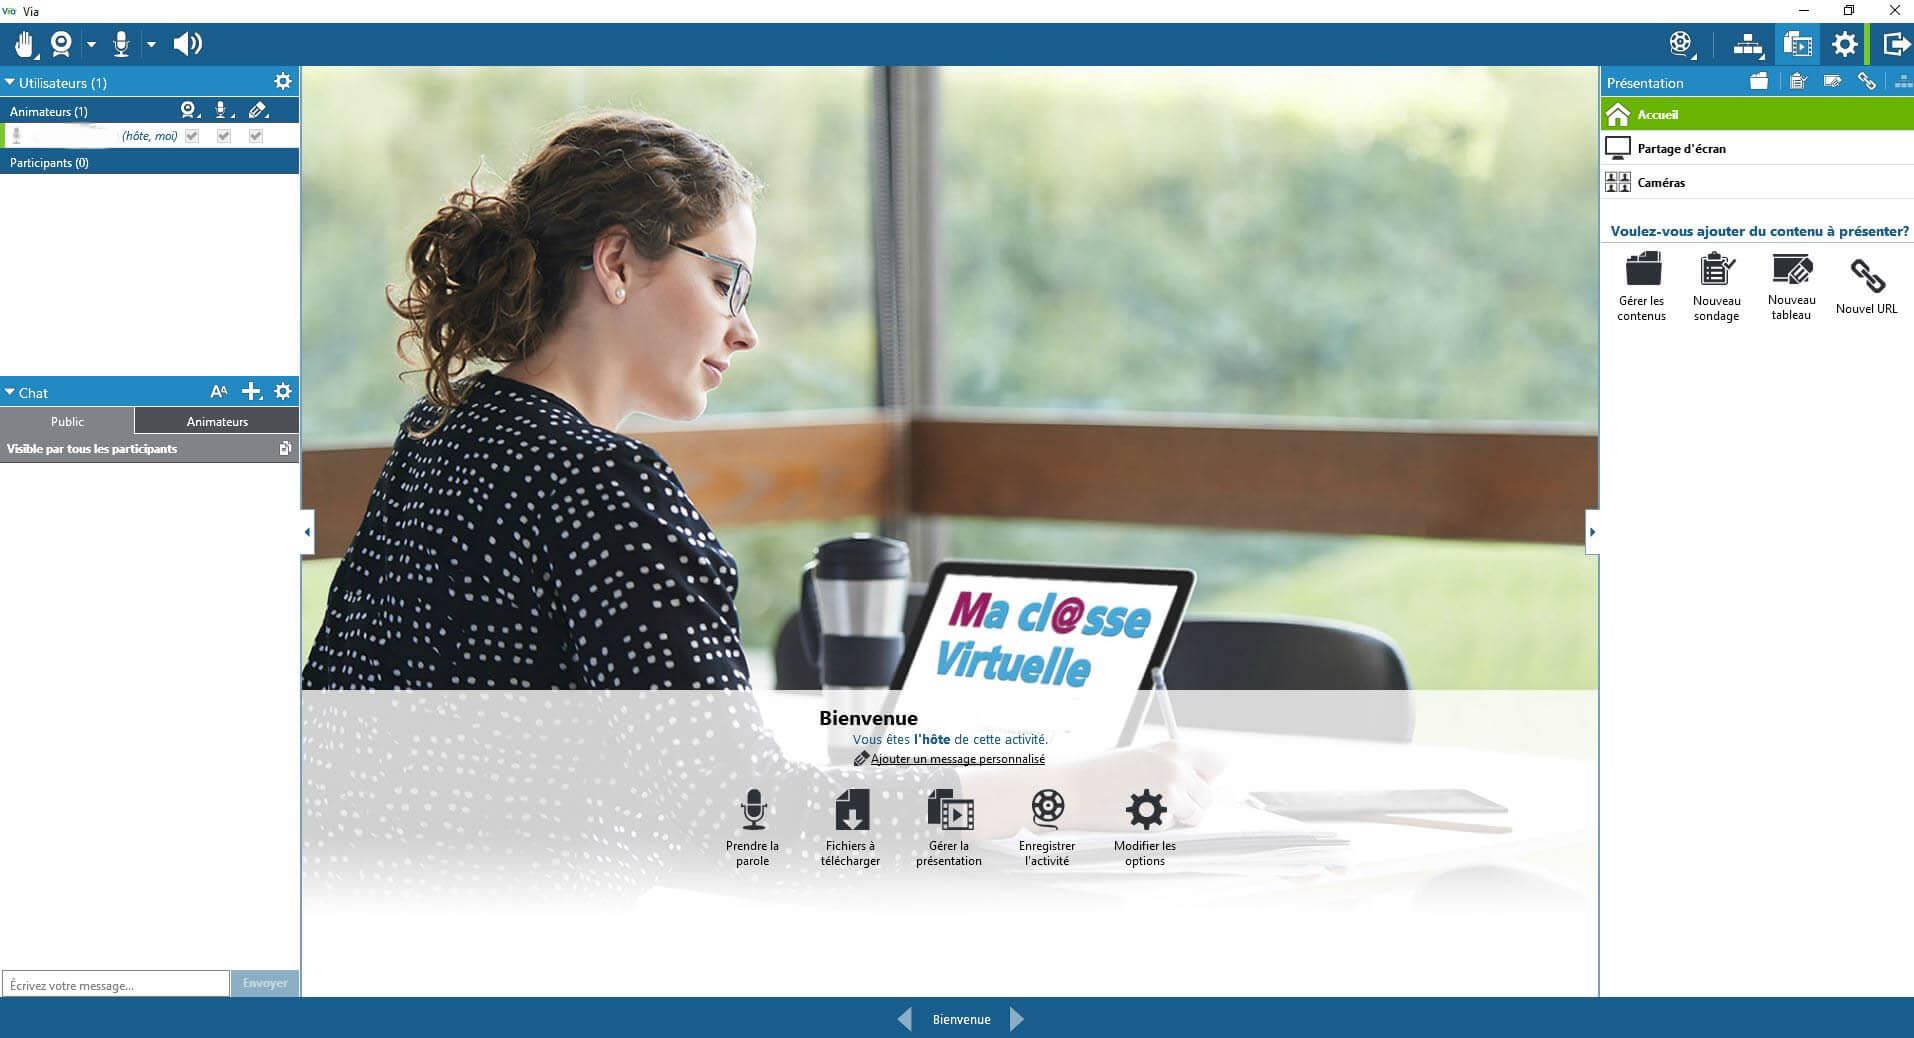 Ma cl@sse virtuelle - Via » : La plateforme de classe virtuelle pour tous  les personnels de l'Education Nationale